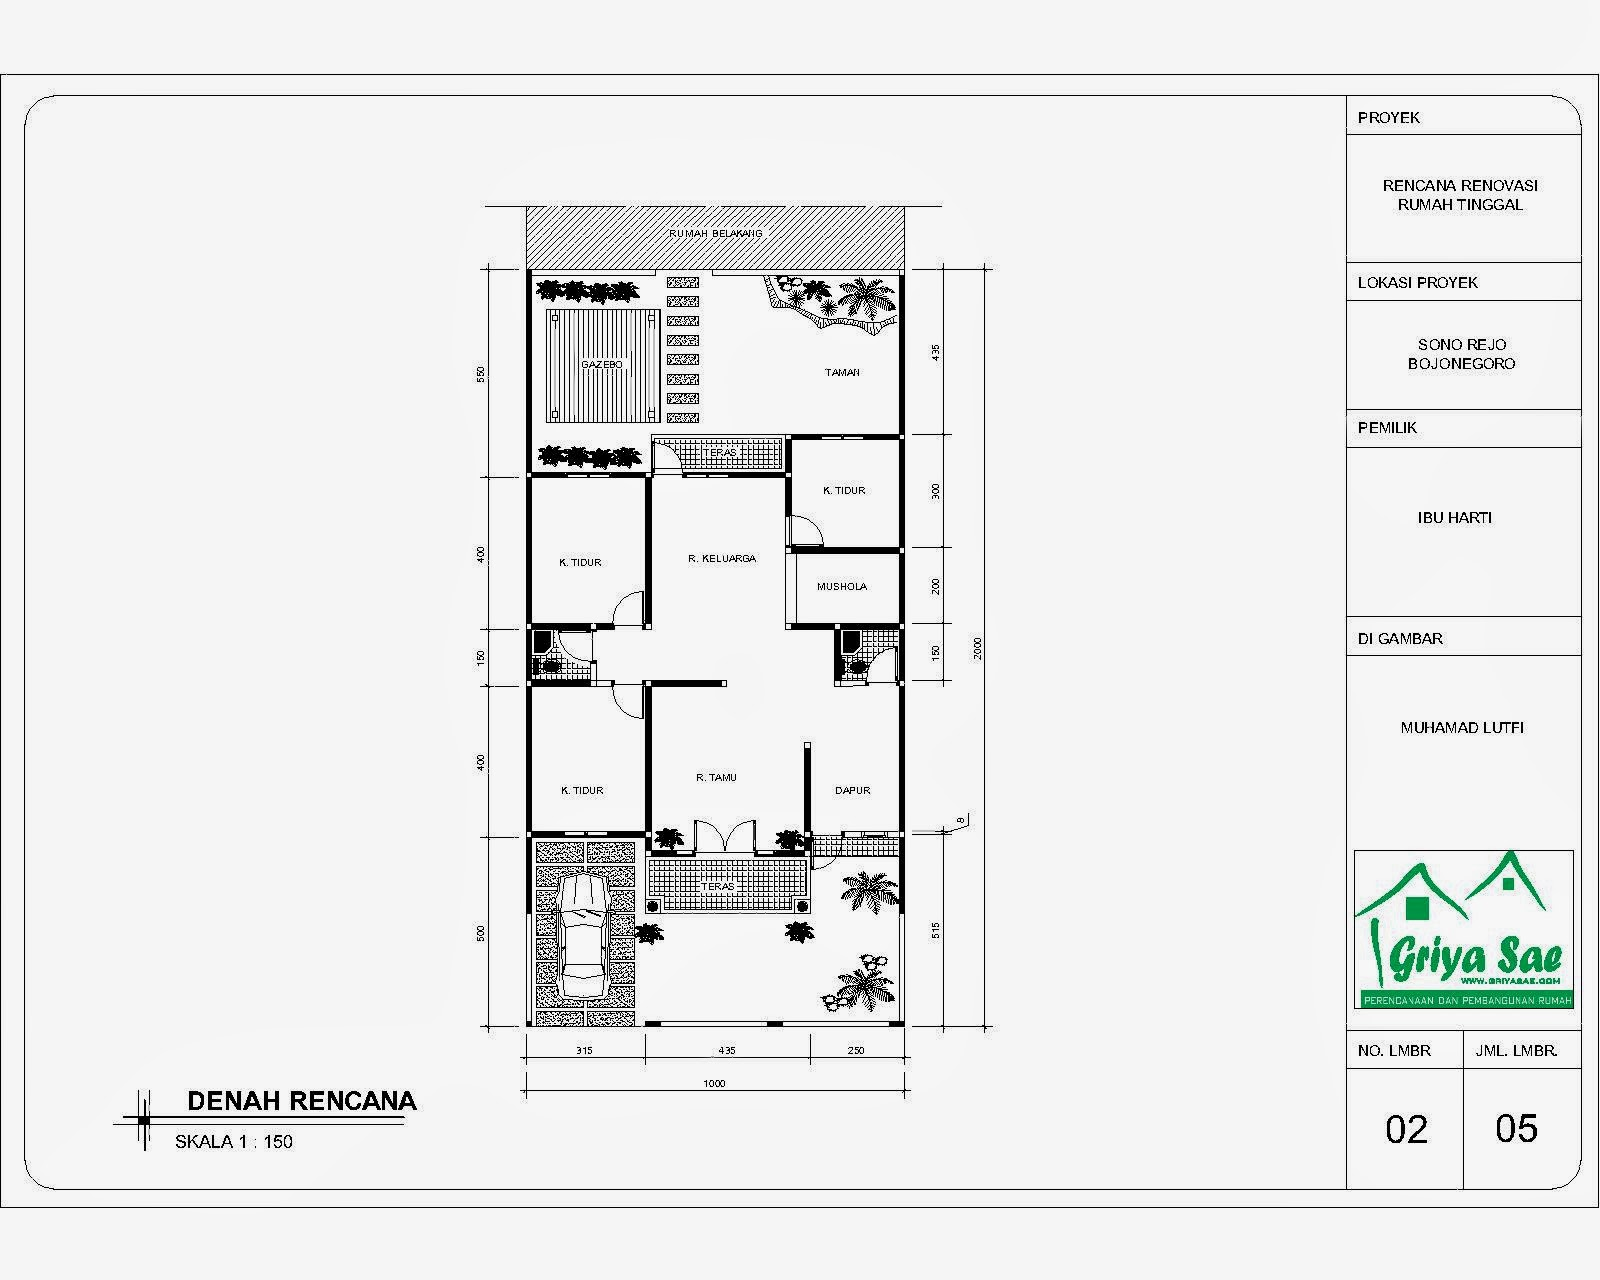 Desain Rumah Kontrakan 4x8 Situs Properti Indonesia